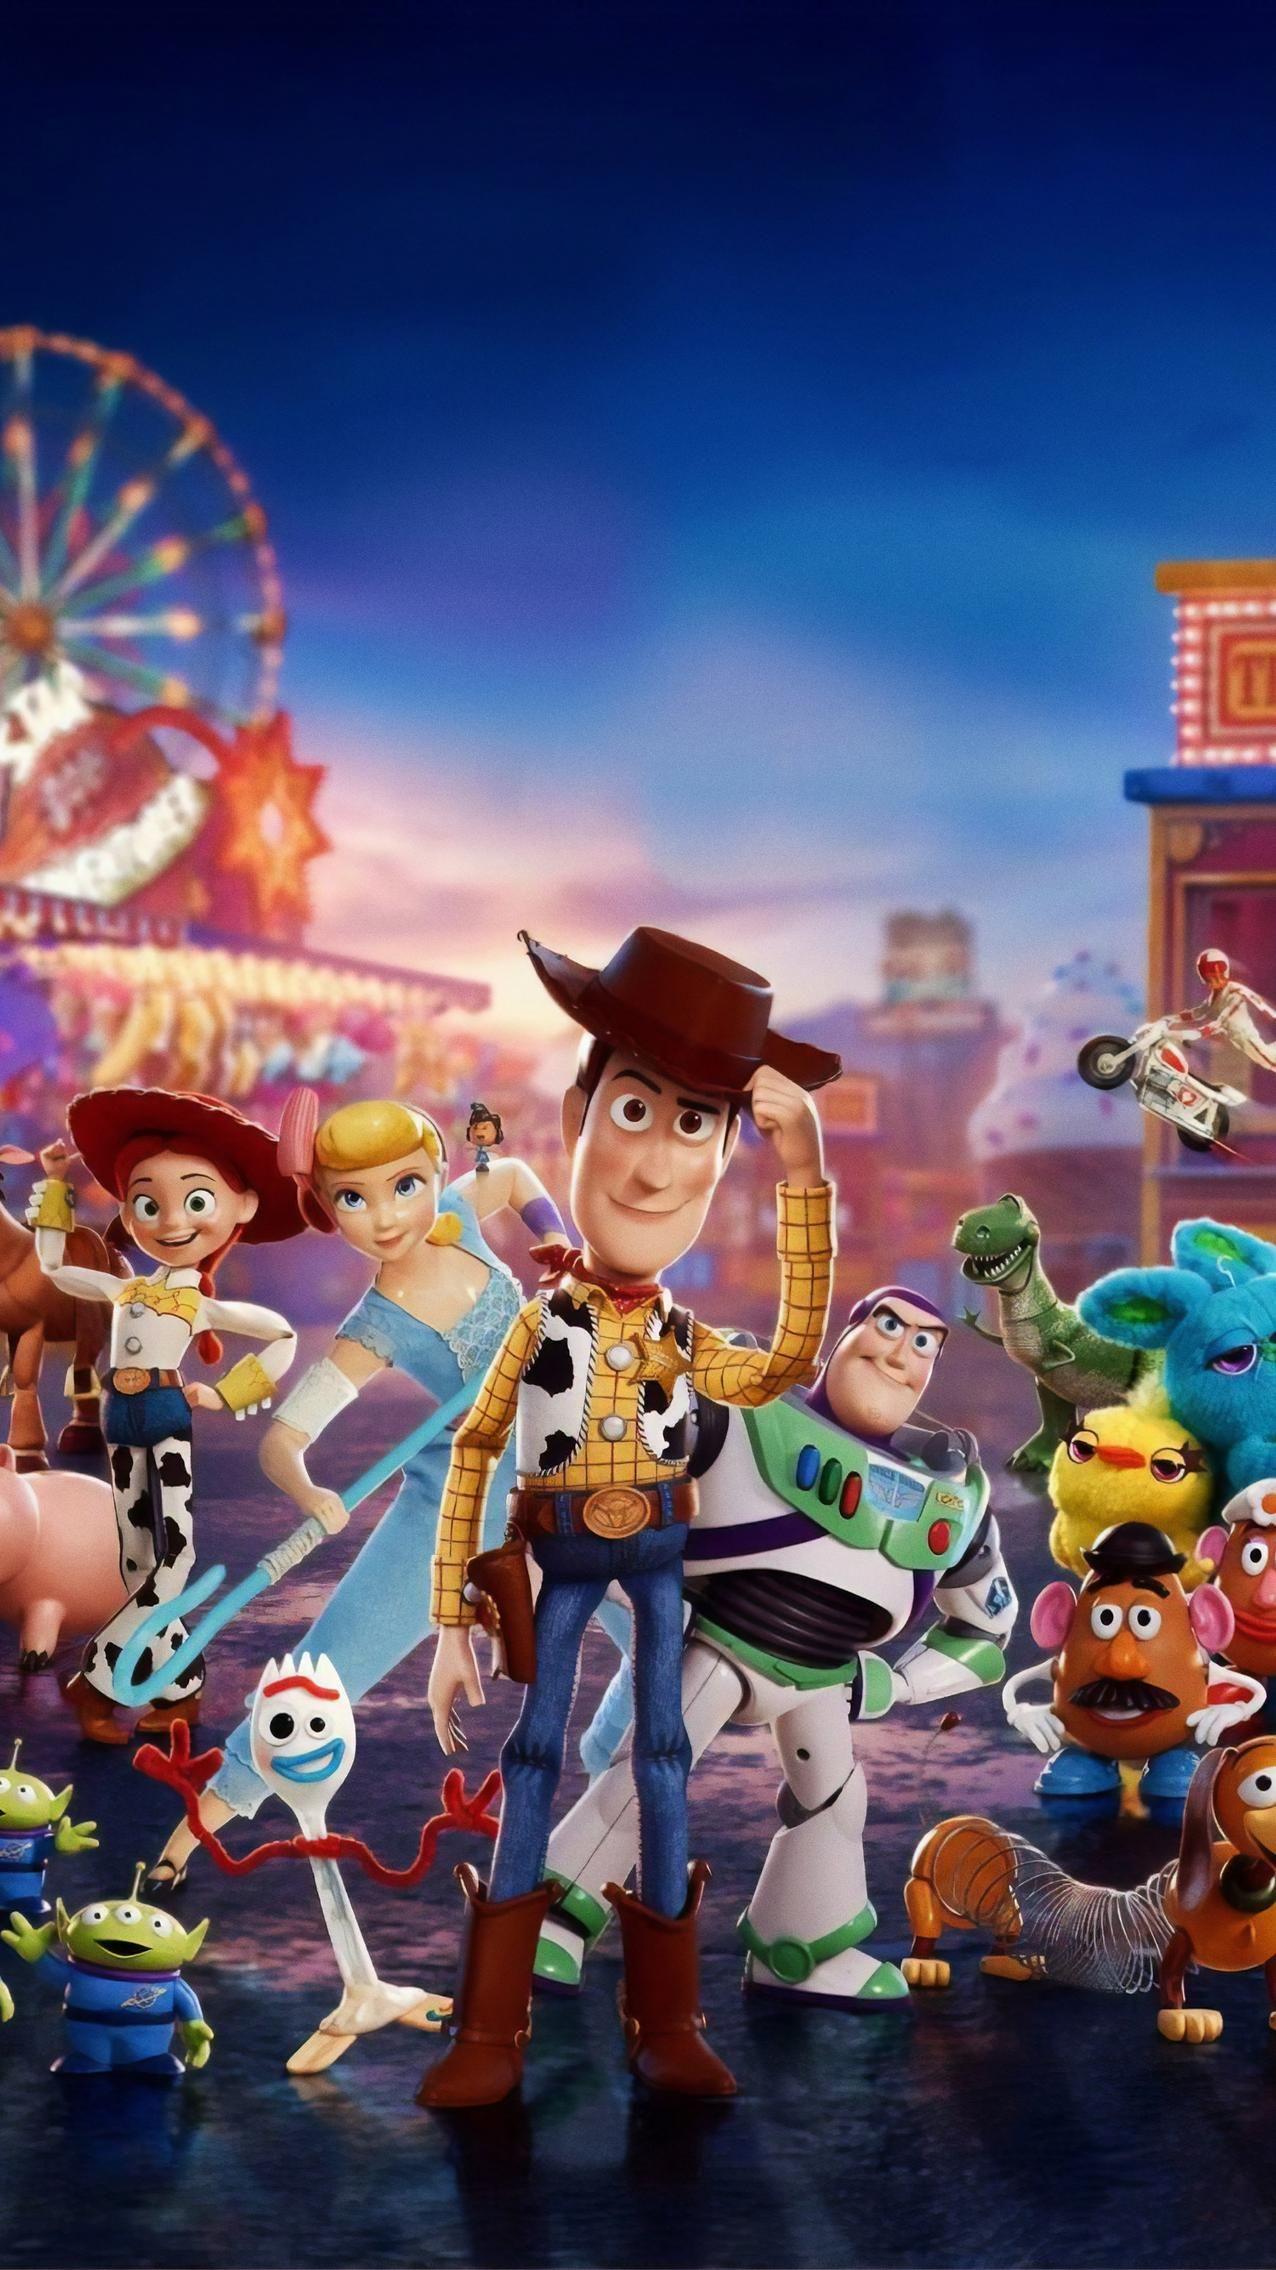 Toy Story 4 2019 Phone Wallpaper Moviemania Toy Story Movie Disney Toys Pixar Movies